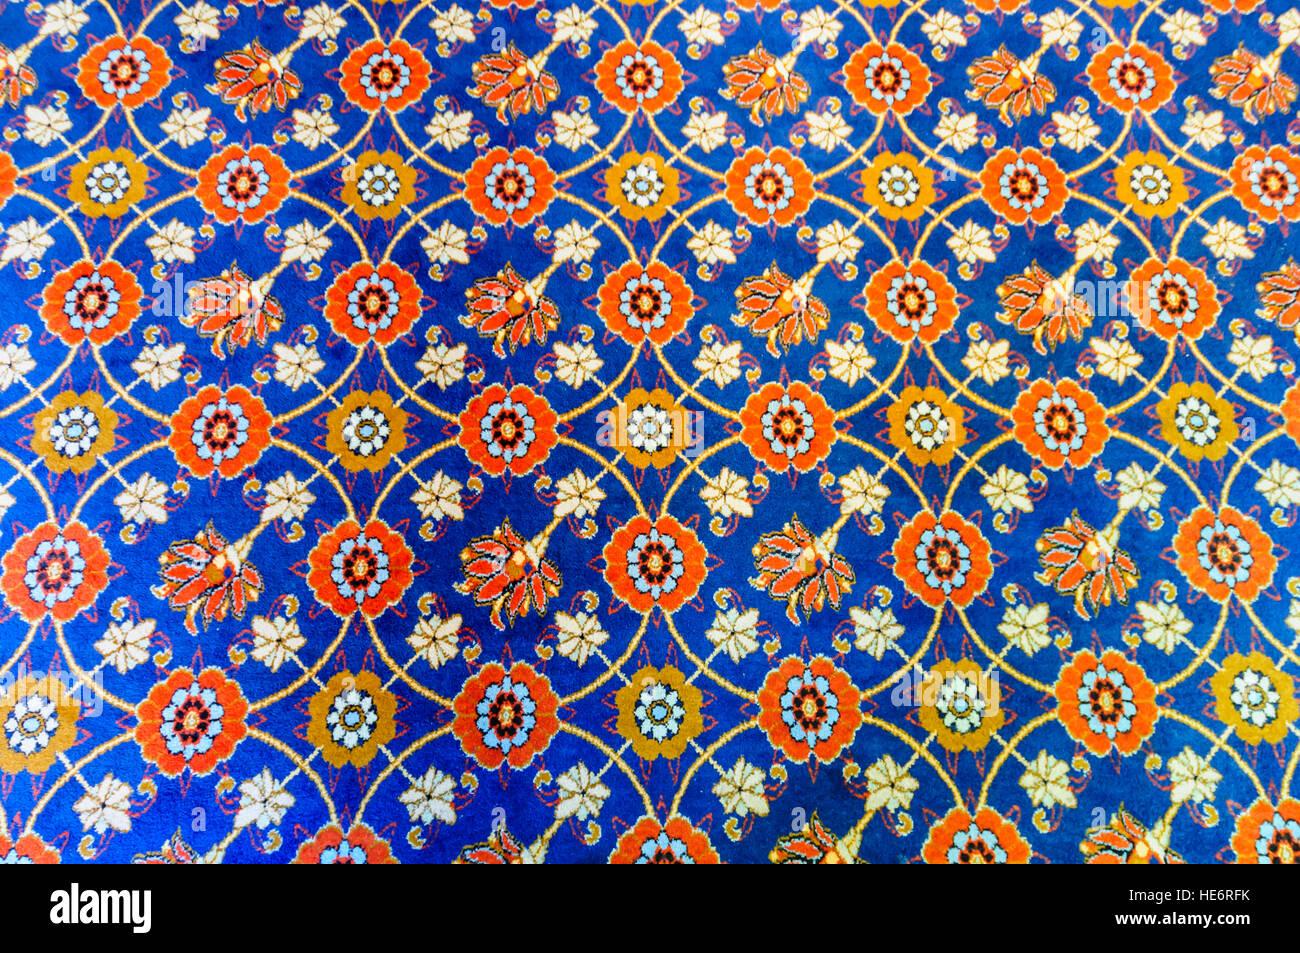 Stark gemusterten Teppich. Stockbild